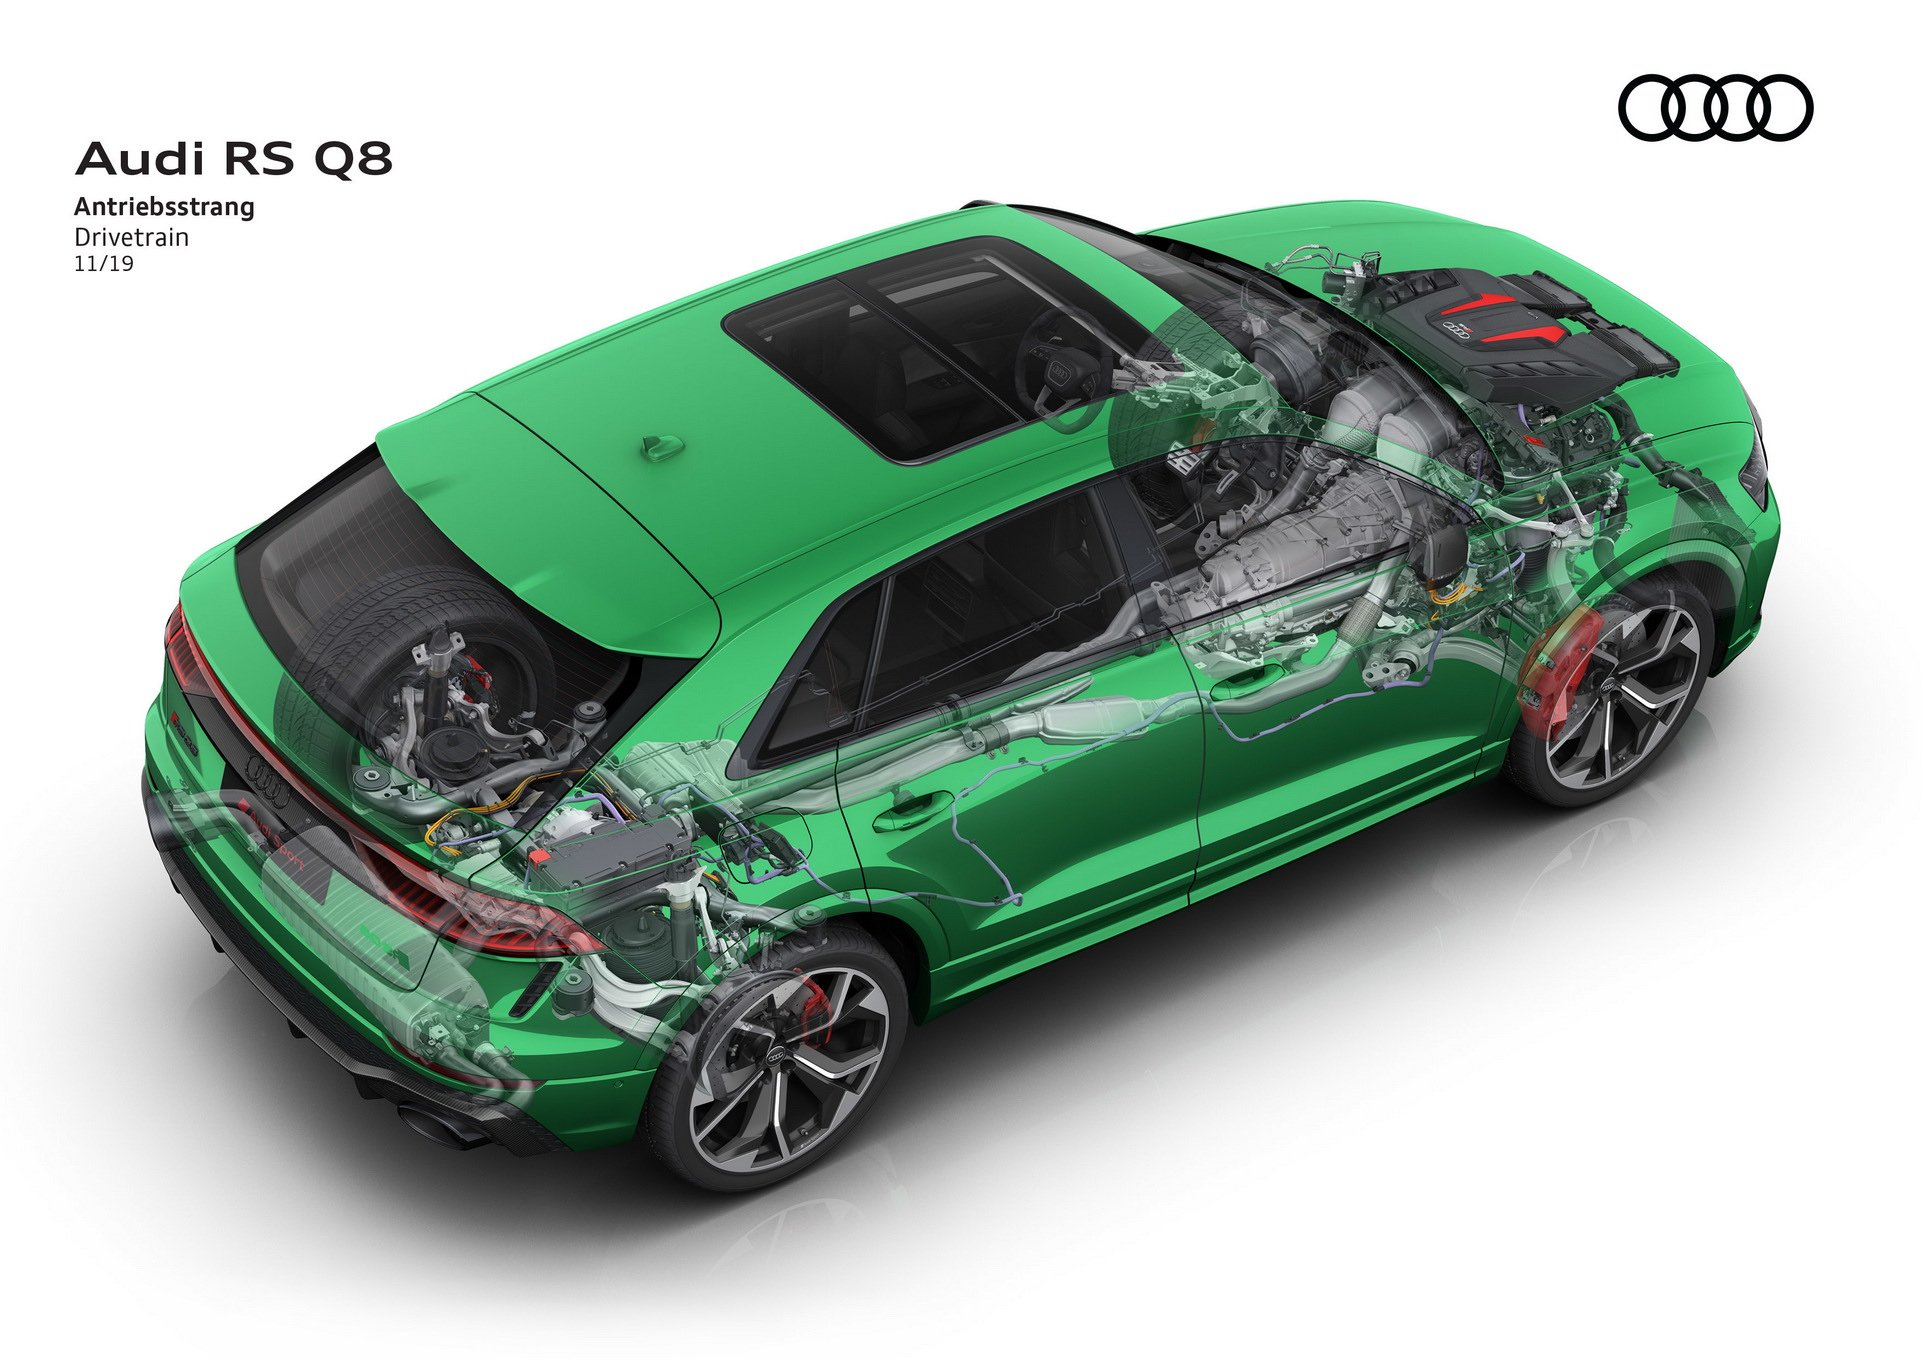 Audi-RS-Q8-58